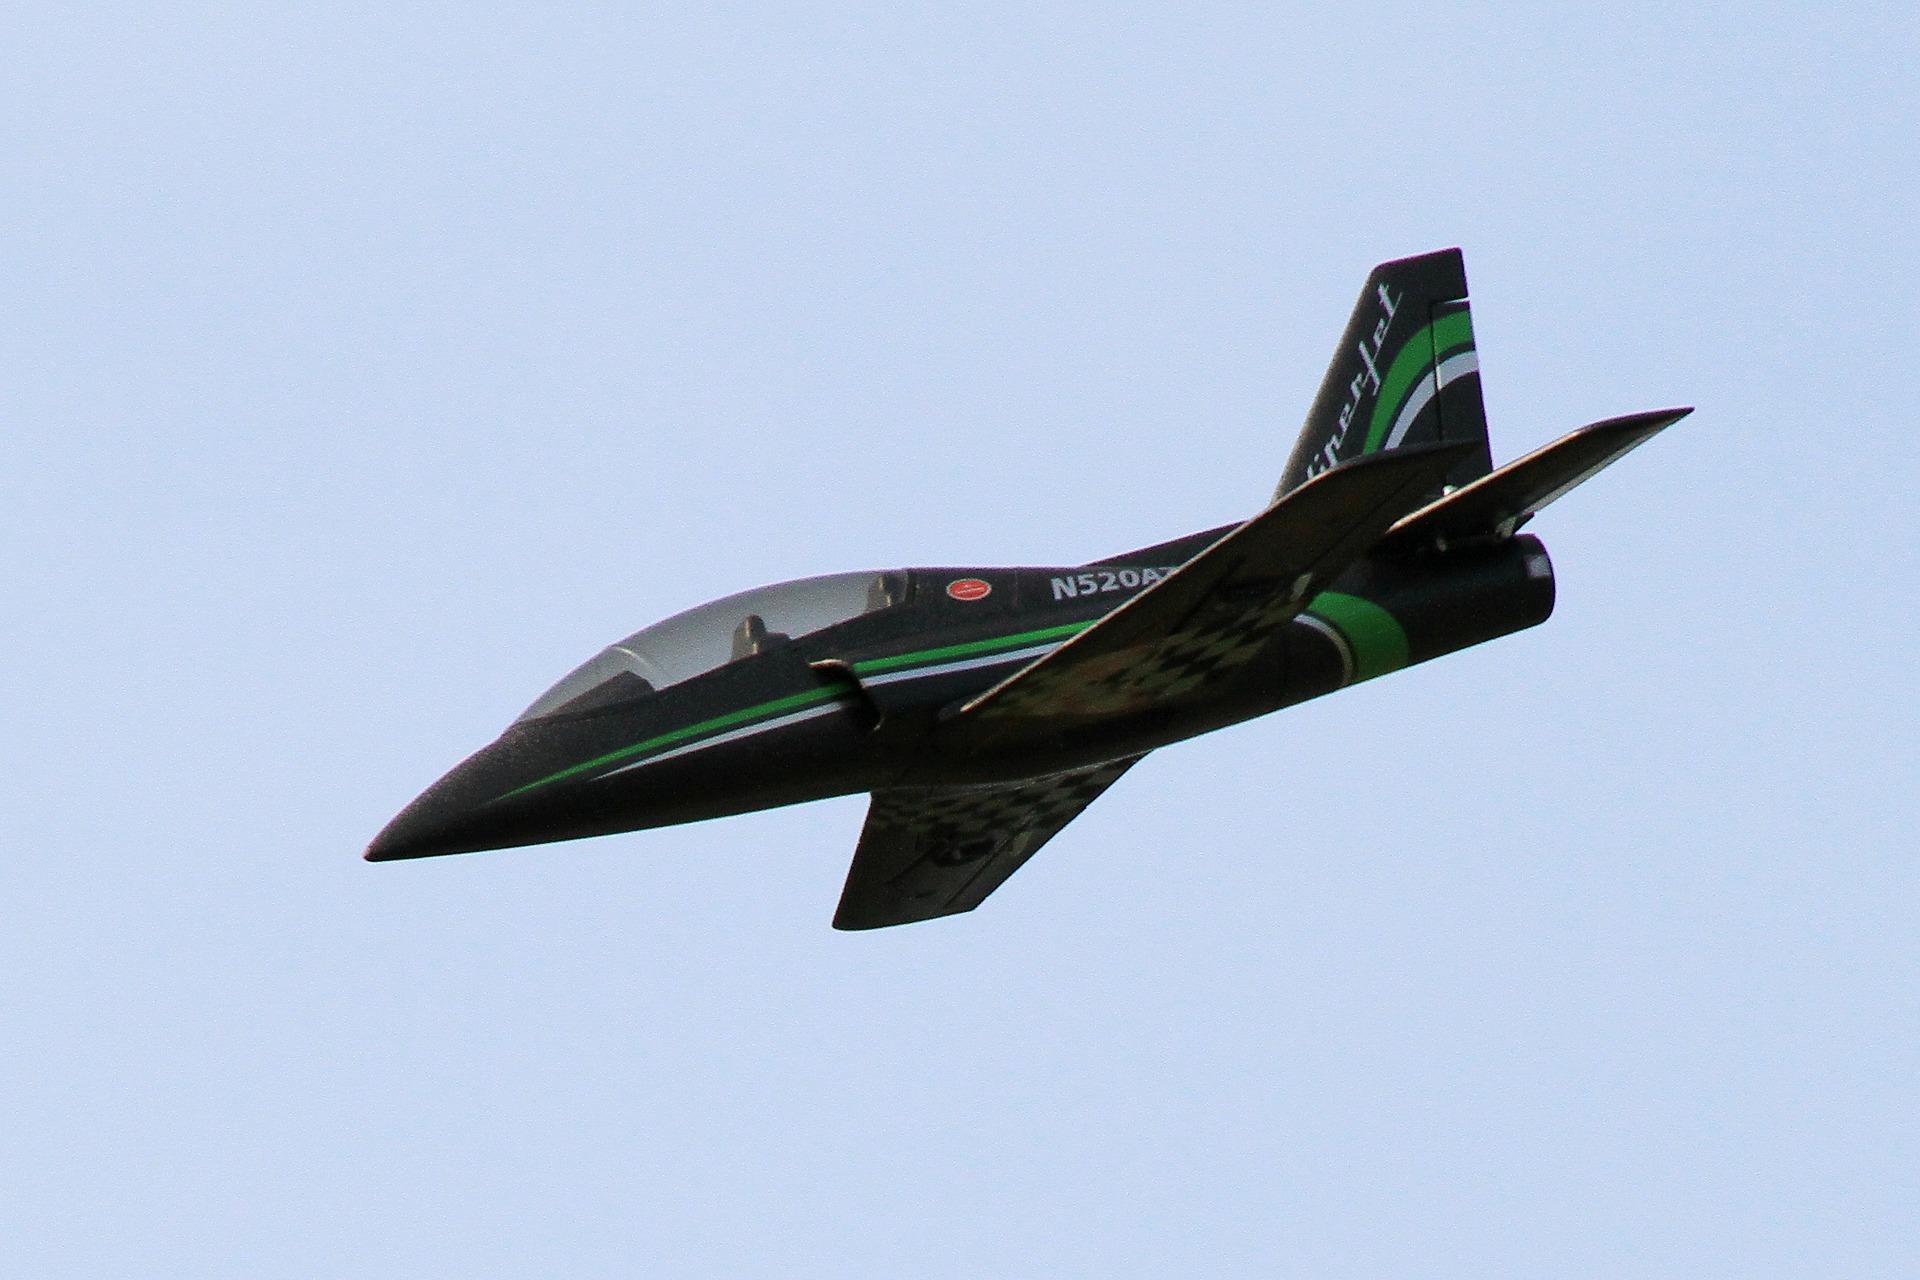 抬升90度? 中共官媒秀模型飛機畫面遭取笑